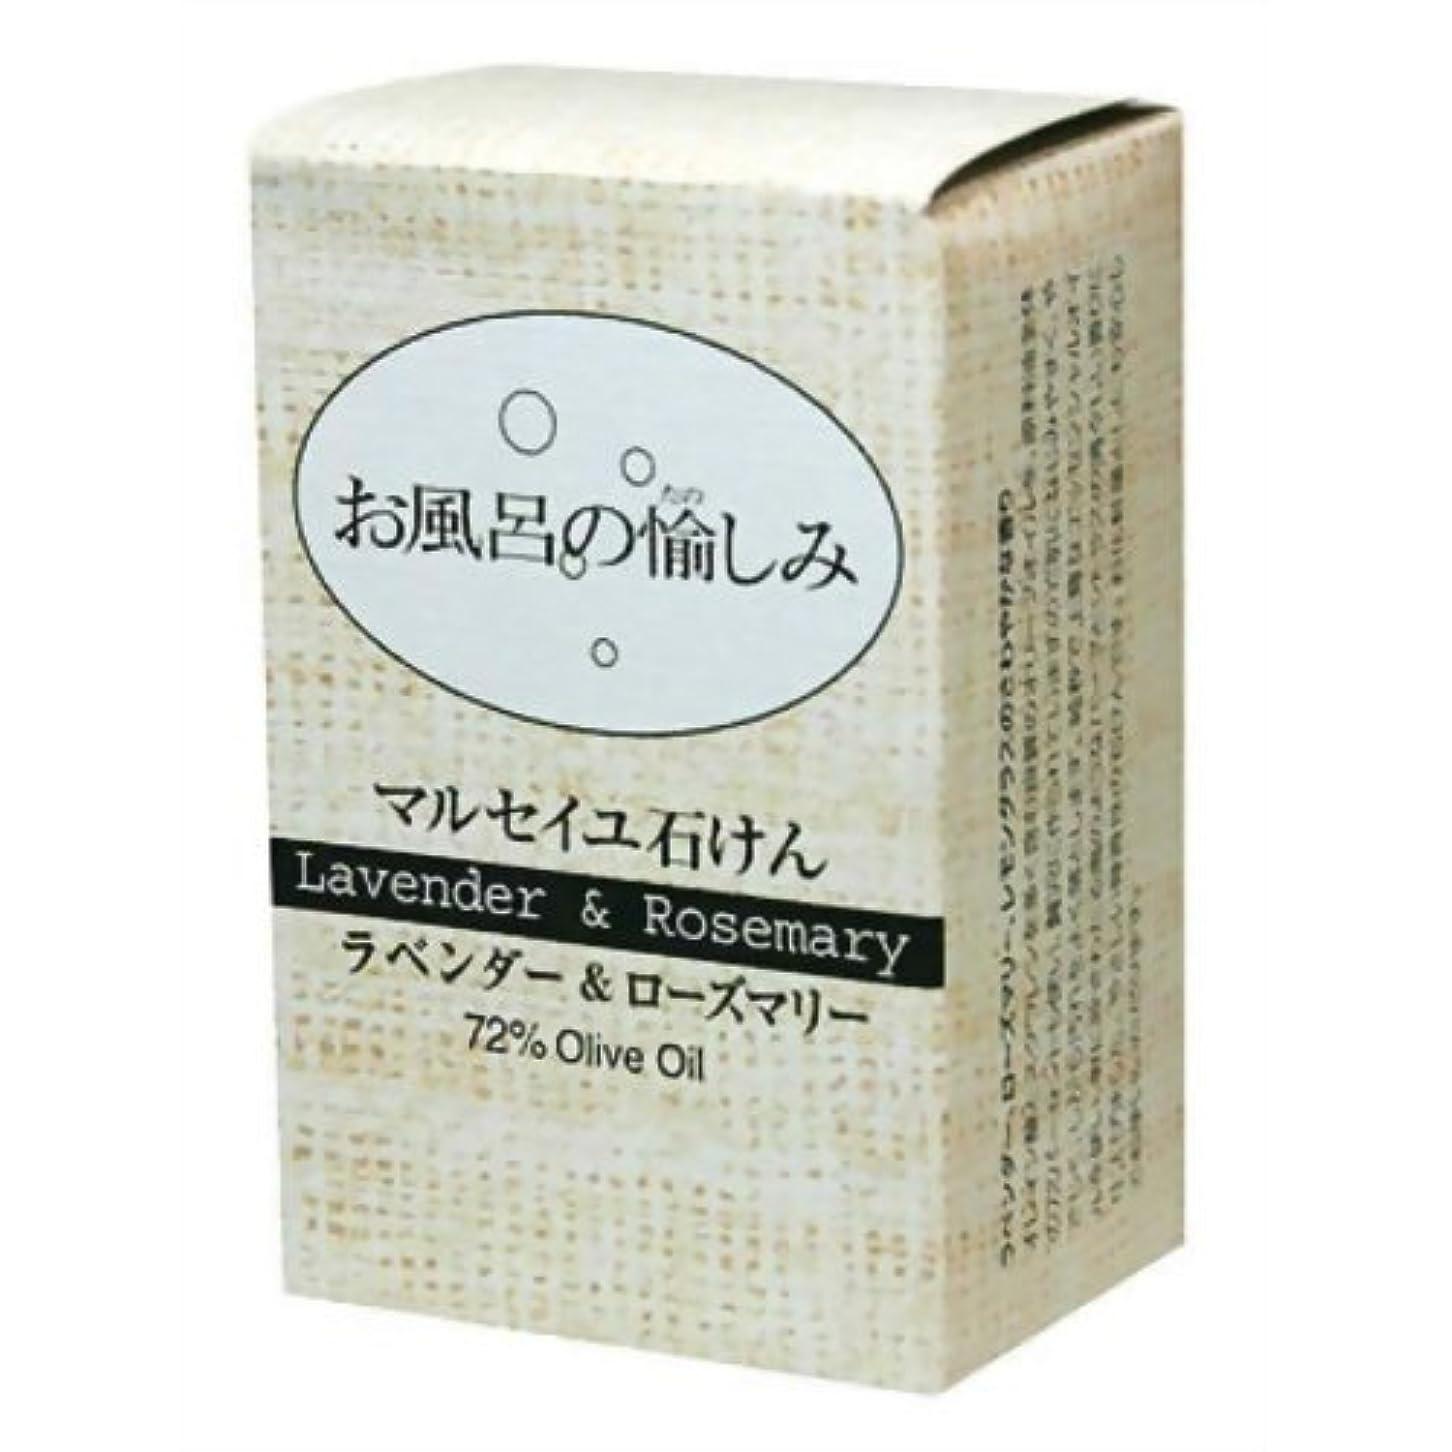 フローマラウイ通常お風呂の愉しみ マルセイユ石鹸 ラベンダー&ローズマリー 120g